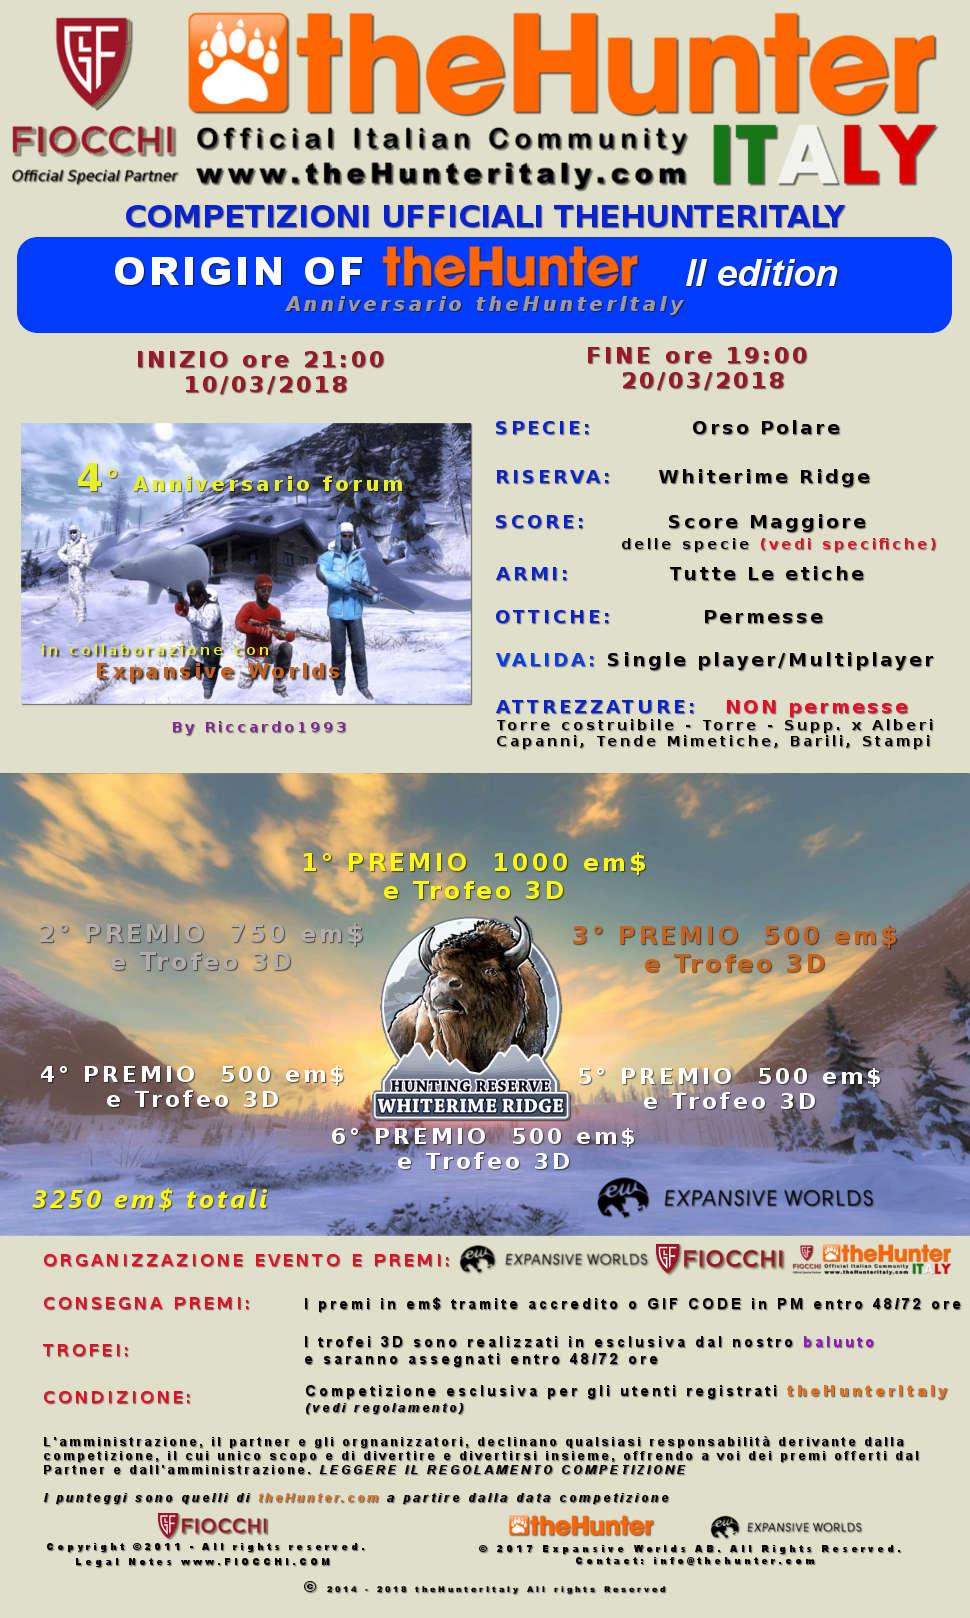 [CONCLUSA] 4444 Special Event - Competizioni ufficiali TheHunteritaly - Origin Of theHunter II edizione  - Orso Polare - Annive12